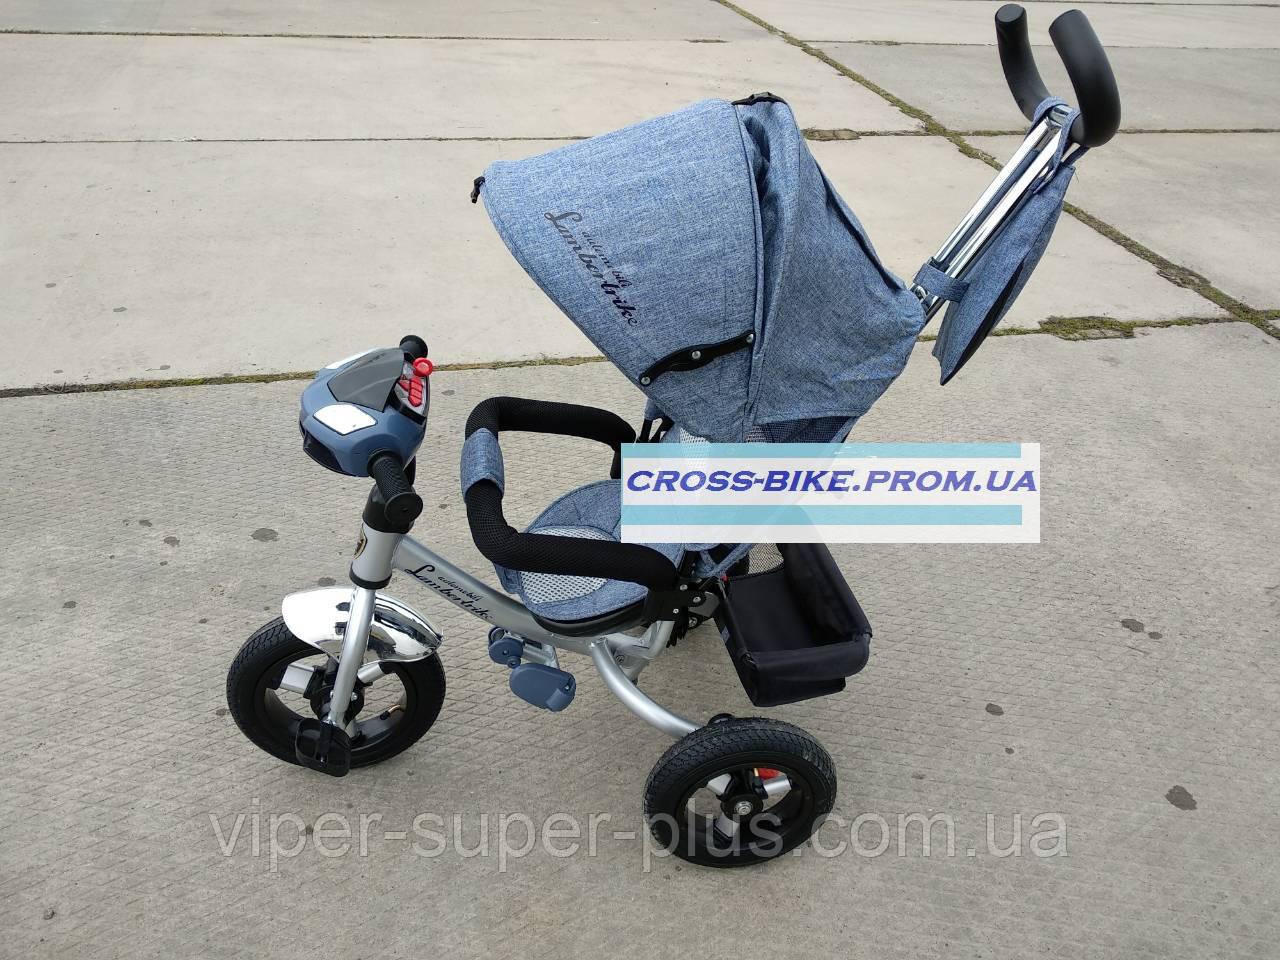 Детский трехколесный велосипед BC-17B - AIR ЕСО Denim